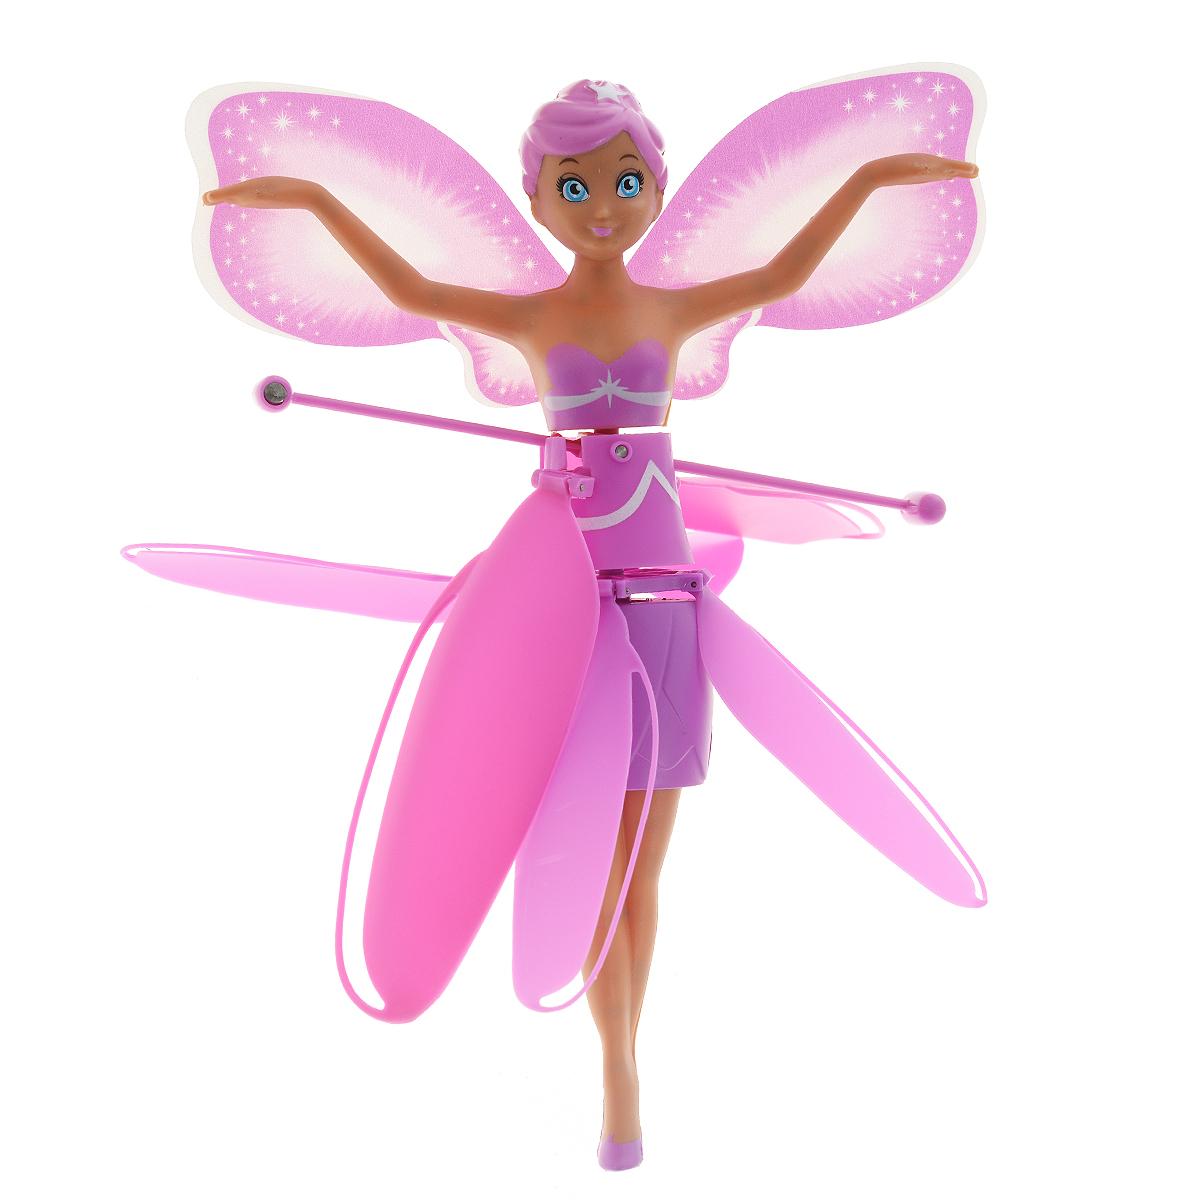 Star Fly Мини-кукла Летающая Принцесса20000Фантазии о сказочных феях, парящих в воздухе, Star Fly воплотили в новых, современных игрушках. Очаровательные Летающие принцессы действительно могут порхать в воздухе! Уникальная технология позволяет игрушке держать определенную дистанцию от любых предметов и поверхностей. Радиус полета - 2 метра, в комплект входит устройство для запуска куклы. Кукла выполнена из пластика. Ее броские, эффектные крылья - это настоящая заявка на звание супермодницы, а юбка и топ под цвет крыльев и туфельки делают ее просто неотразимой! Кукла Star Fly станет отличным подарком для вашей малышки. Кукла работает от аккумулятора 3,7V 100 mA/h (входит в комплект). Пусковое устройство работает от 4 батареек напряжением 1,5V типа AA (не входят в комплект).